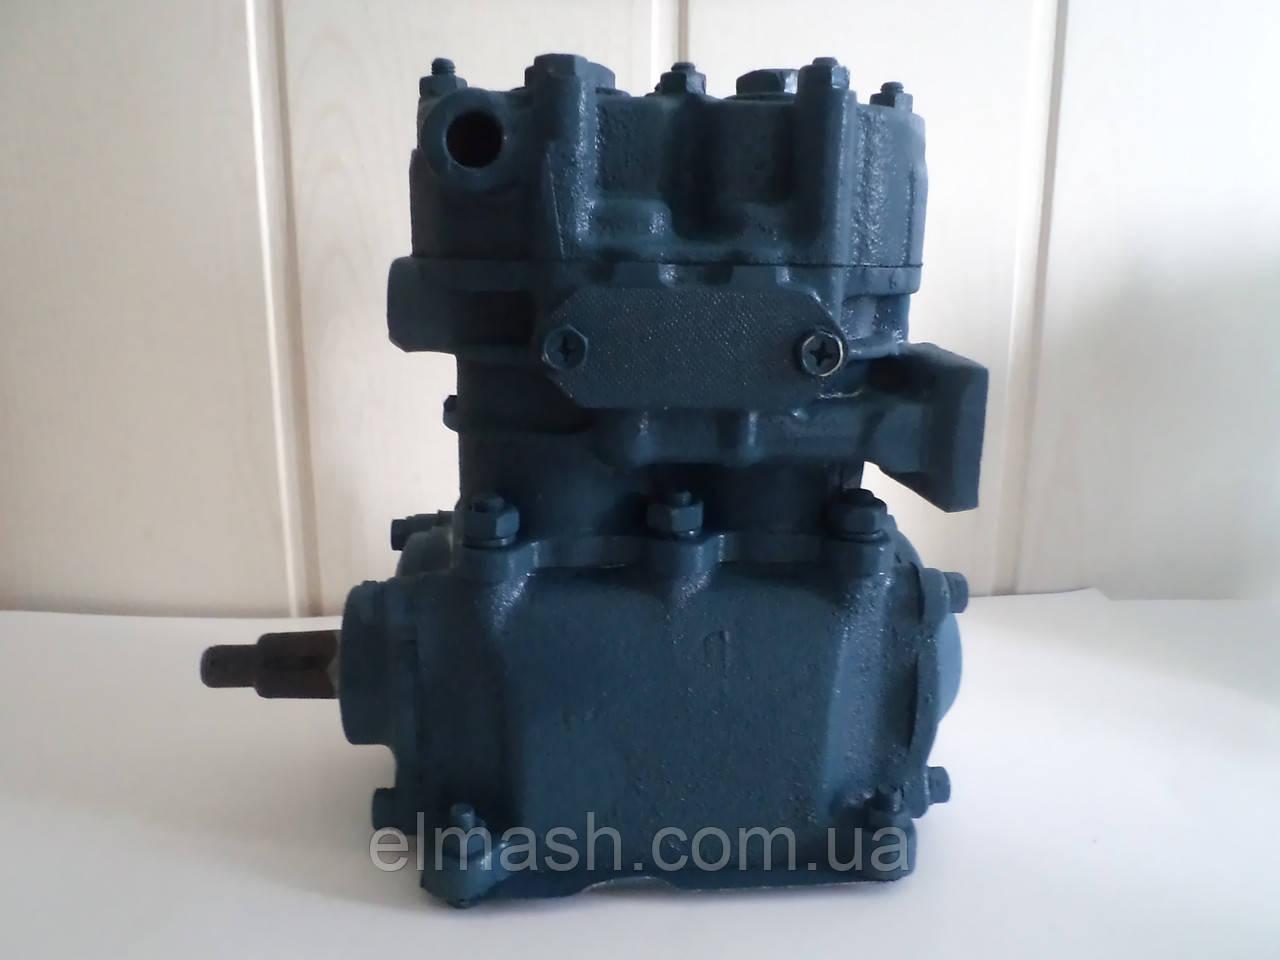 Компрессор 2-цилиндровый ЗИЛ-130